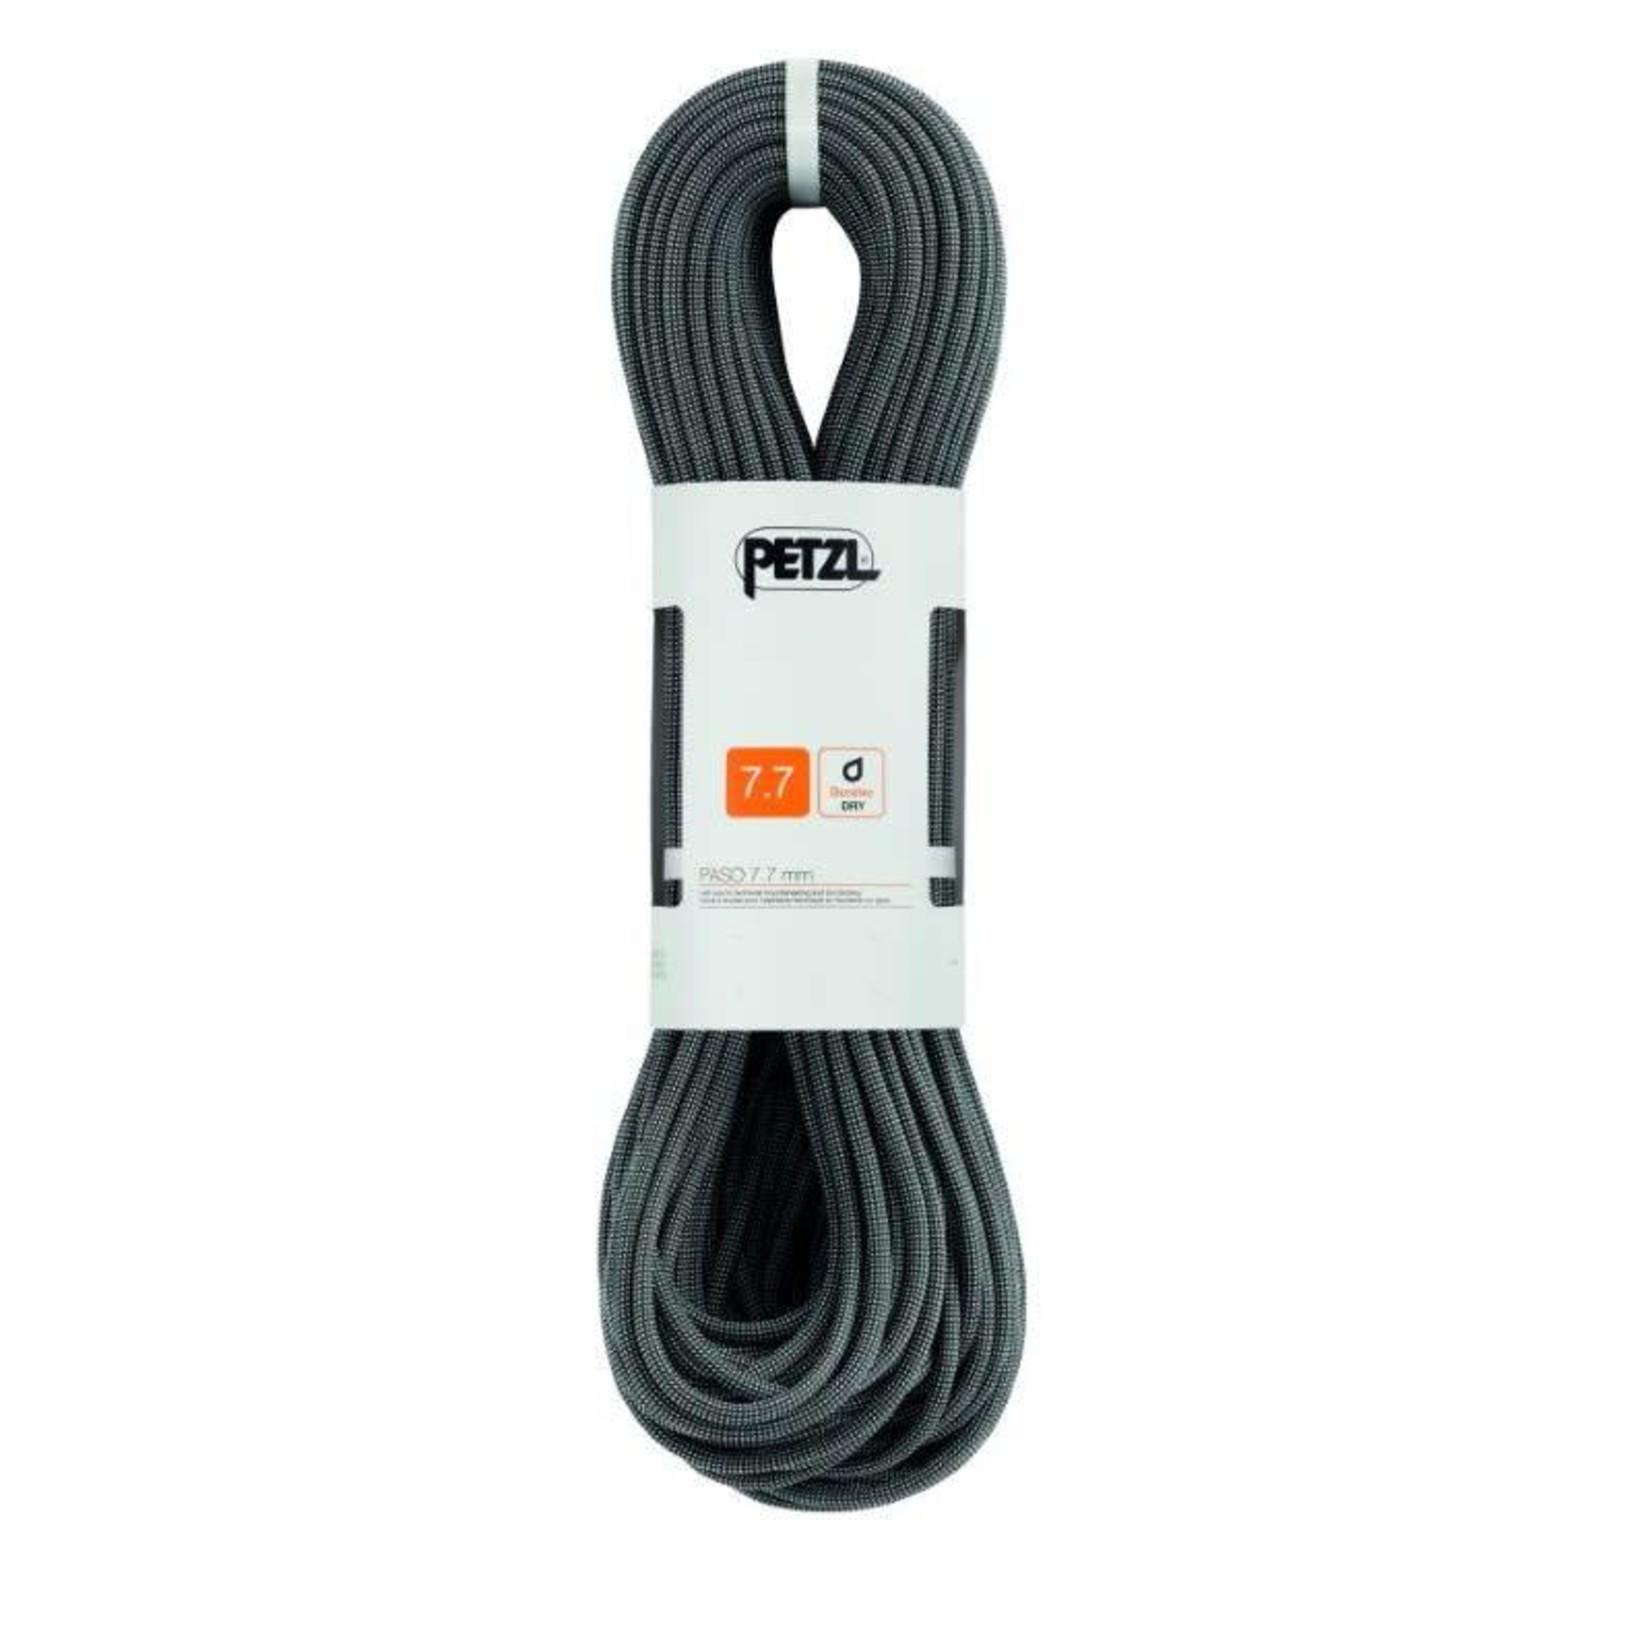 Petzl Petzl Paso Guide 7.7 mm Dry Rope